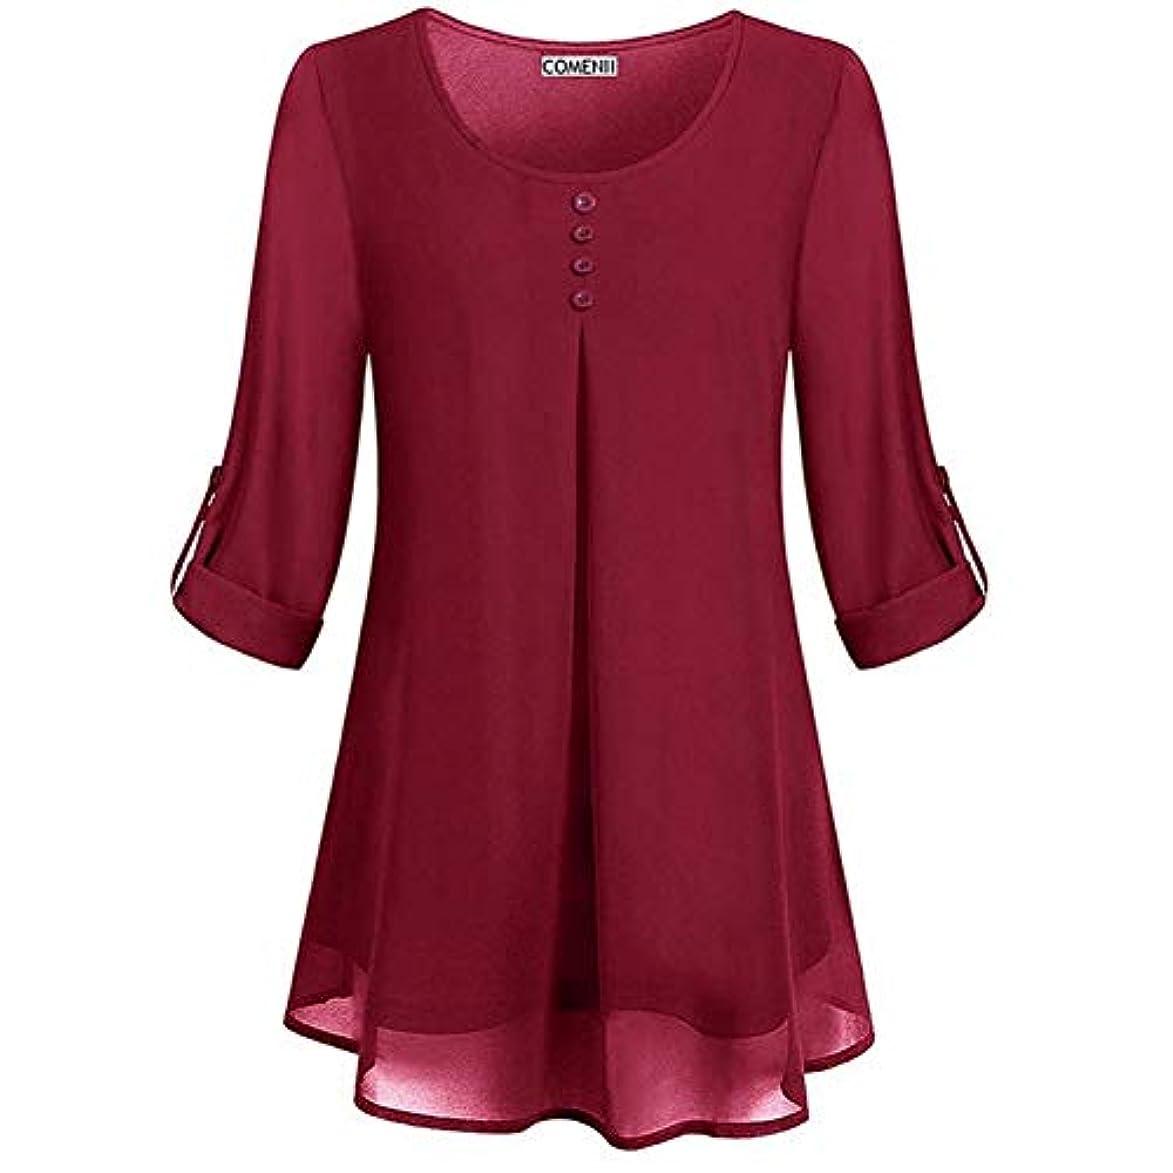 グリット知り合い開拓者MIFAN の女性のドレスカジュアルな不規則なドレスルースサマービーチTシャツドレス